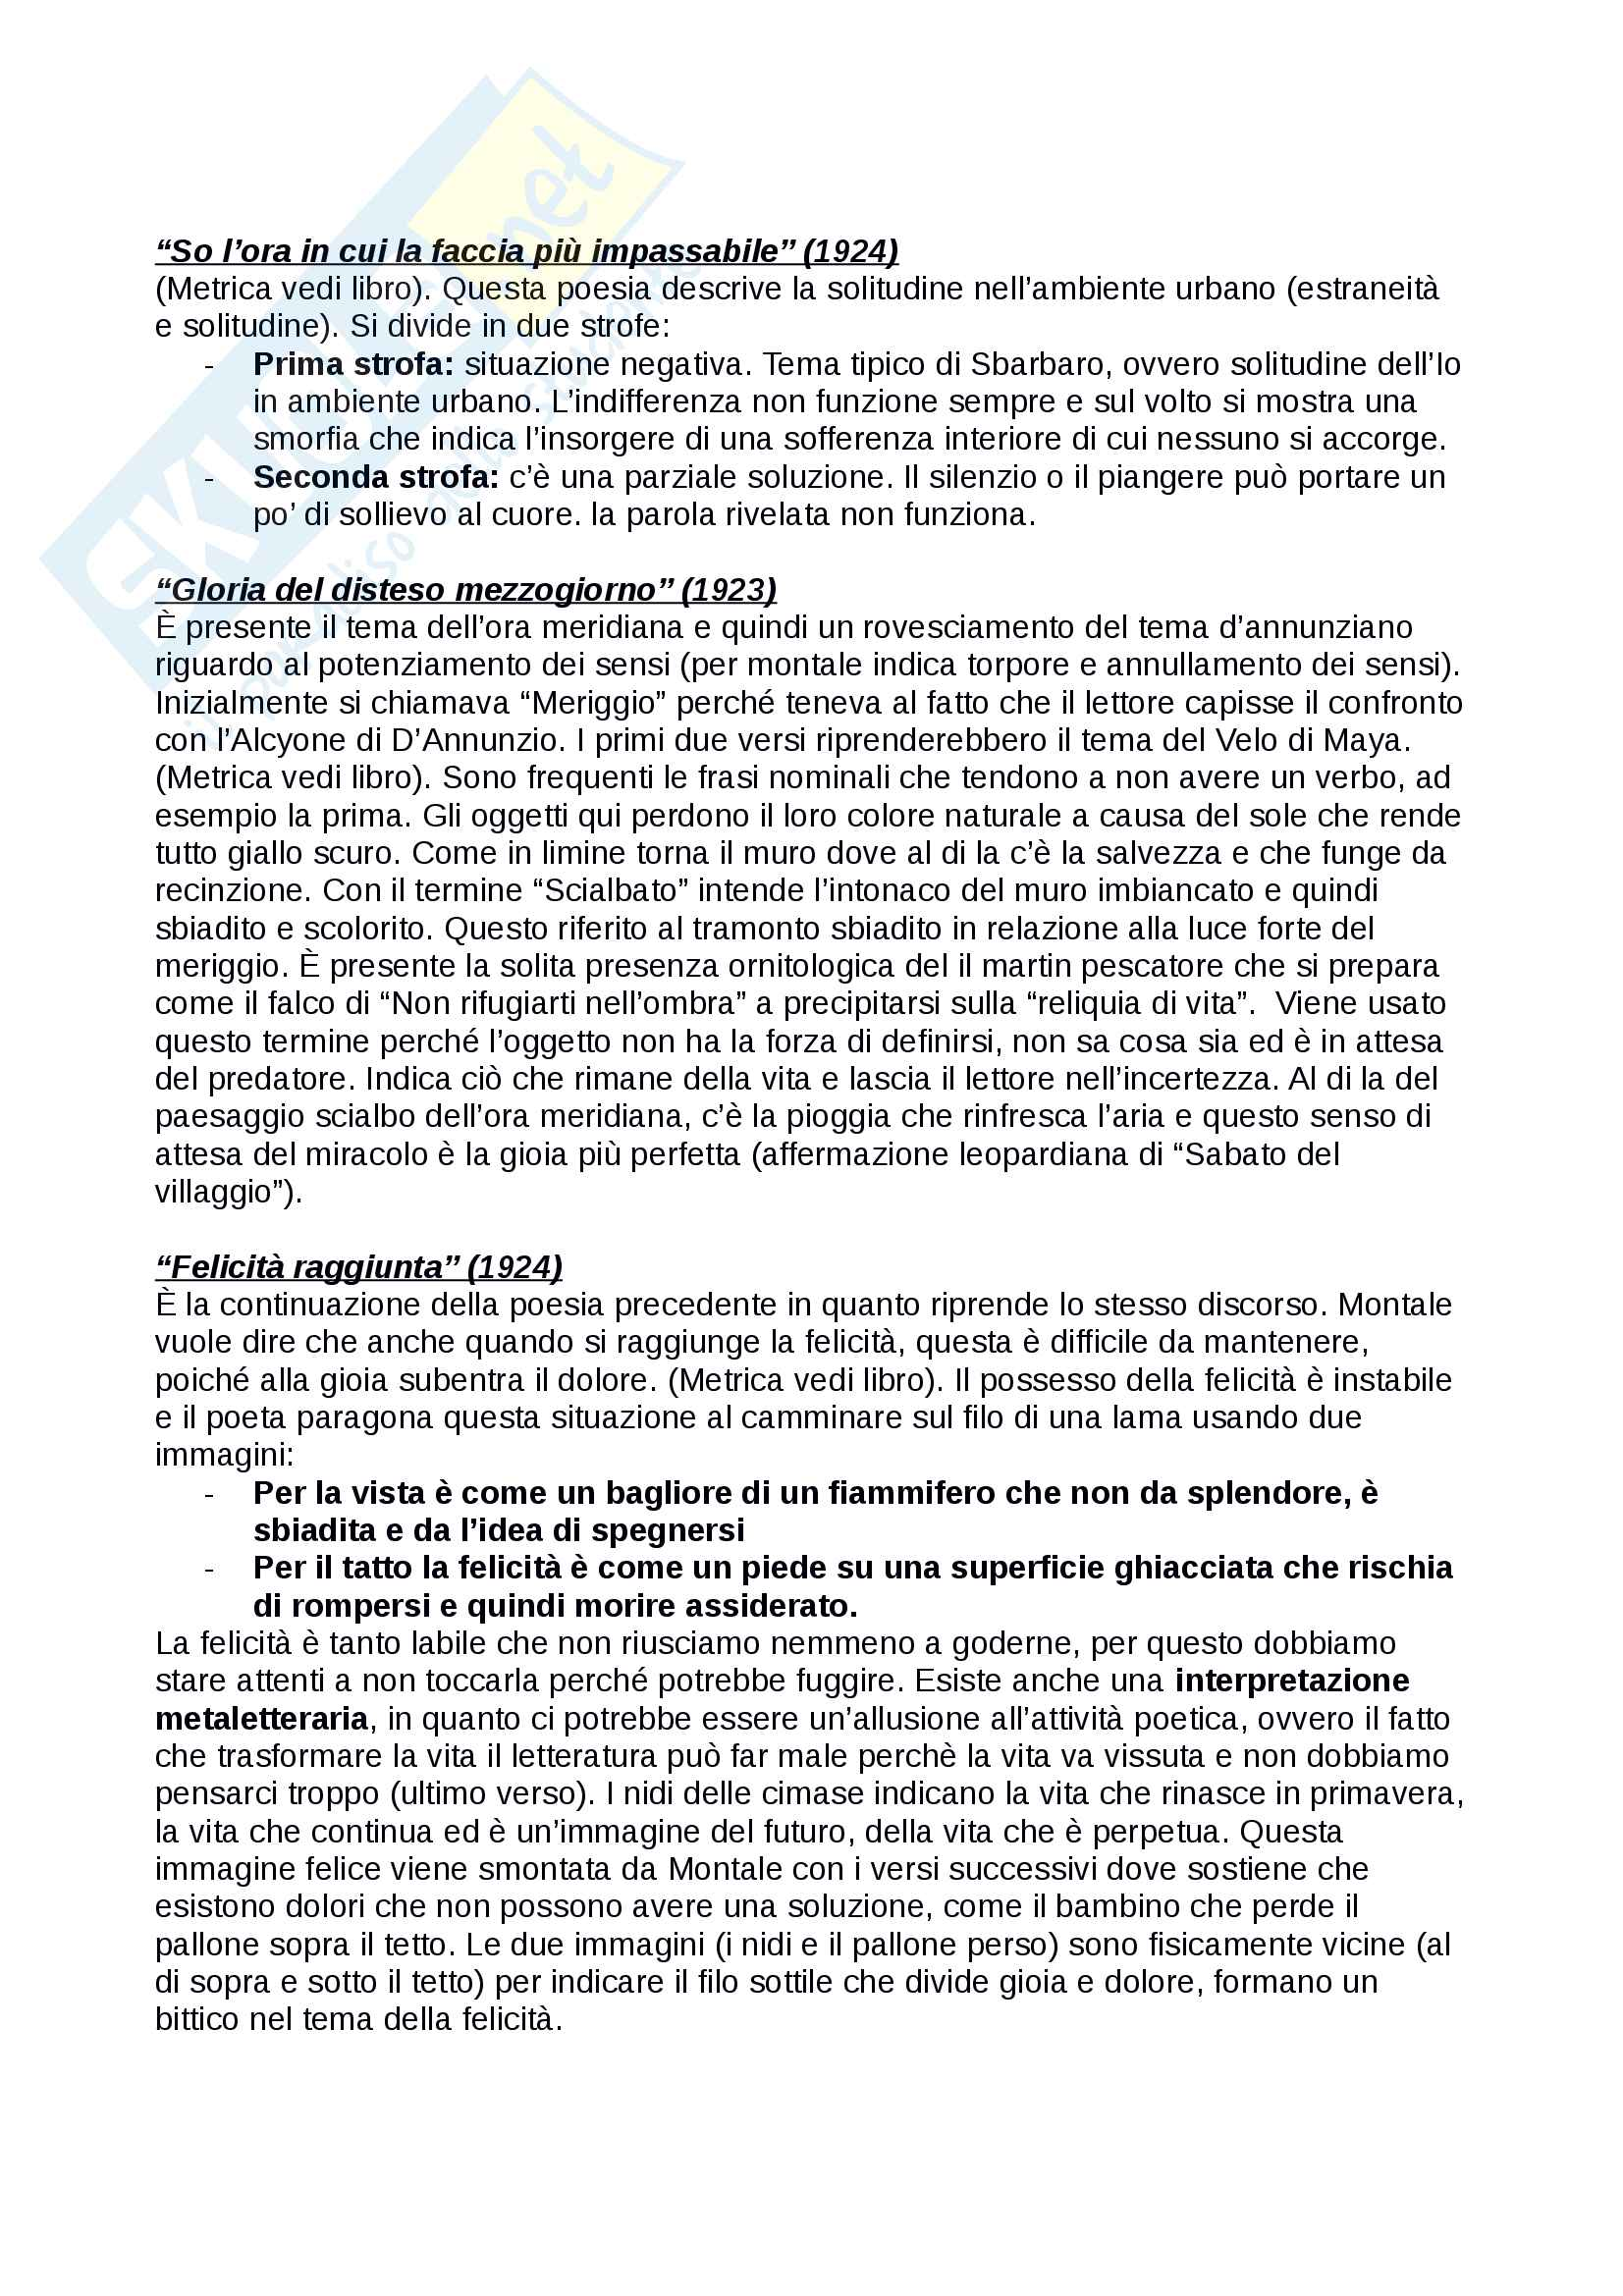 Ossi di seppia di Eugenio Montale Pag. 16